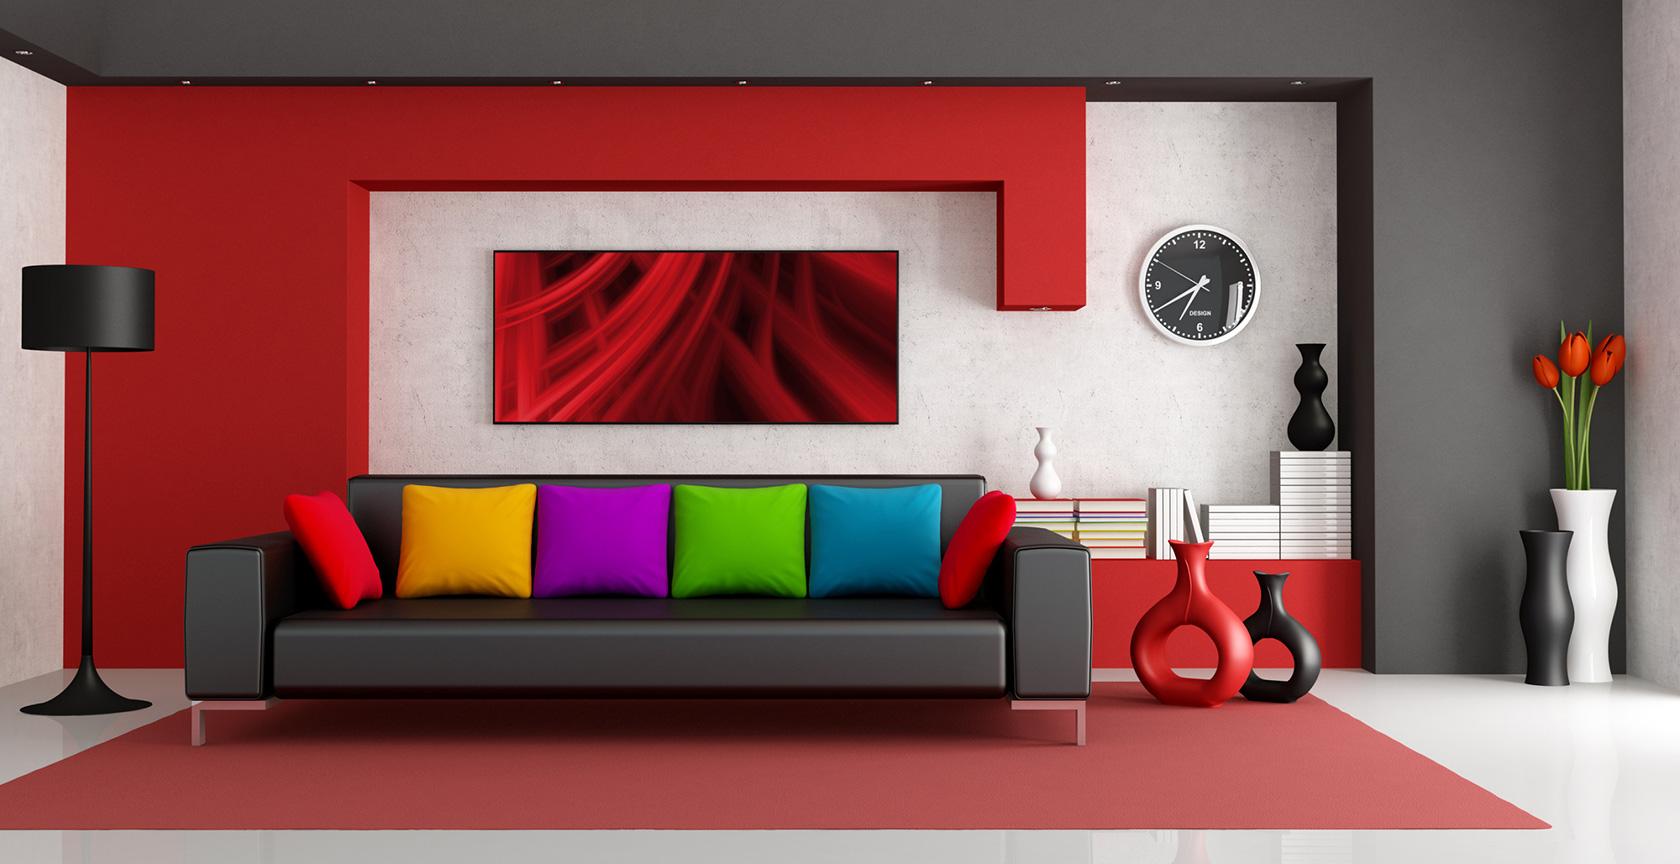 El diseño de interior comparte mucho de los mismos principios que el diseño UX